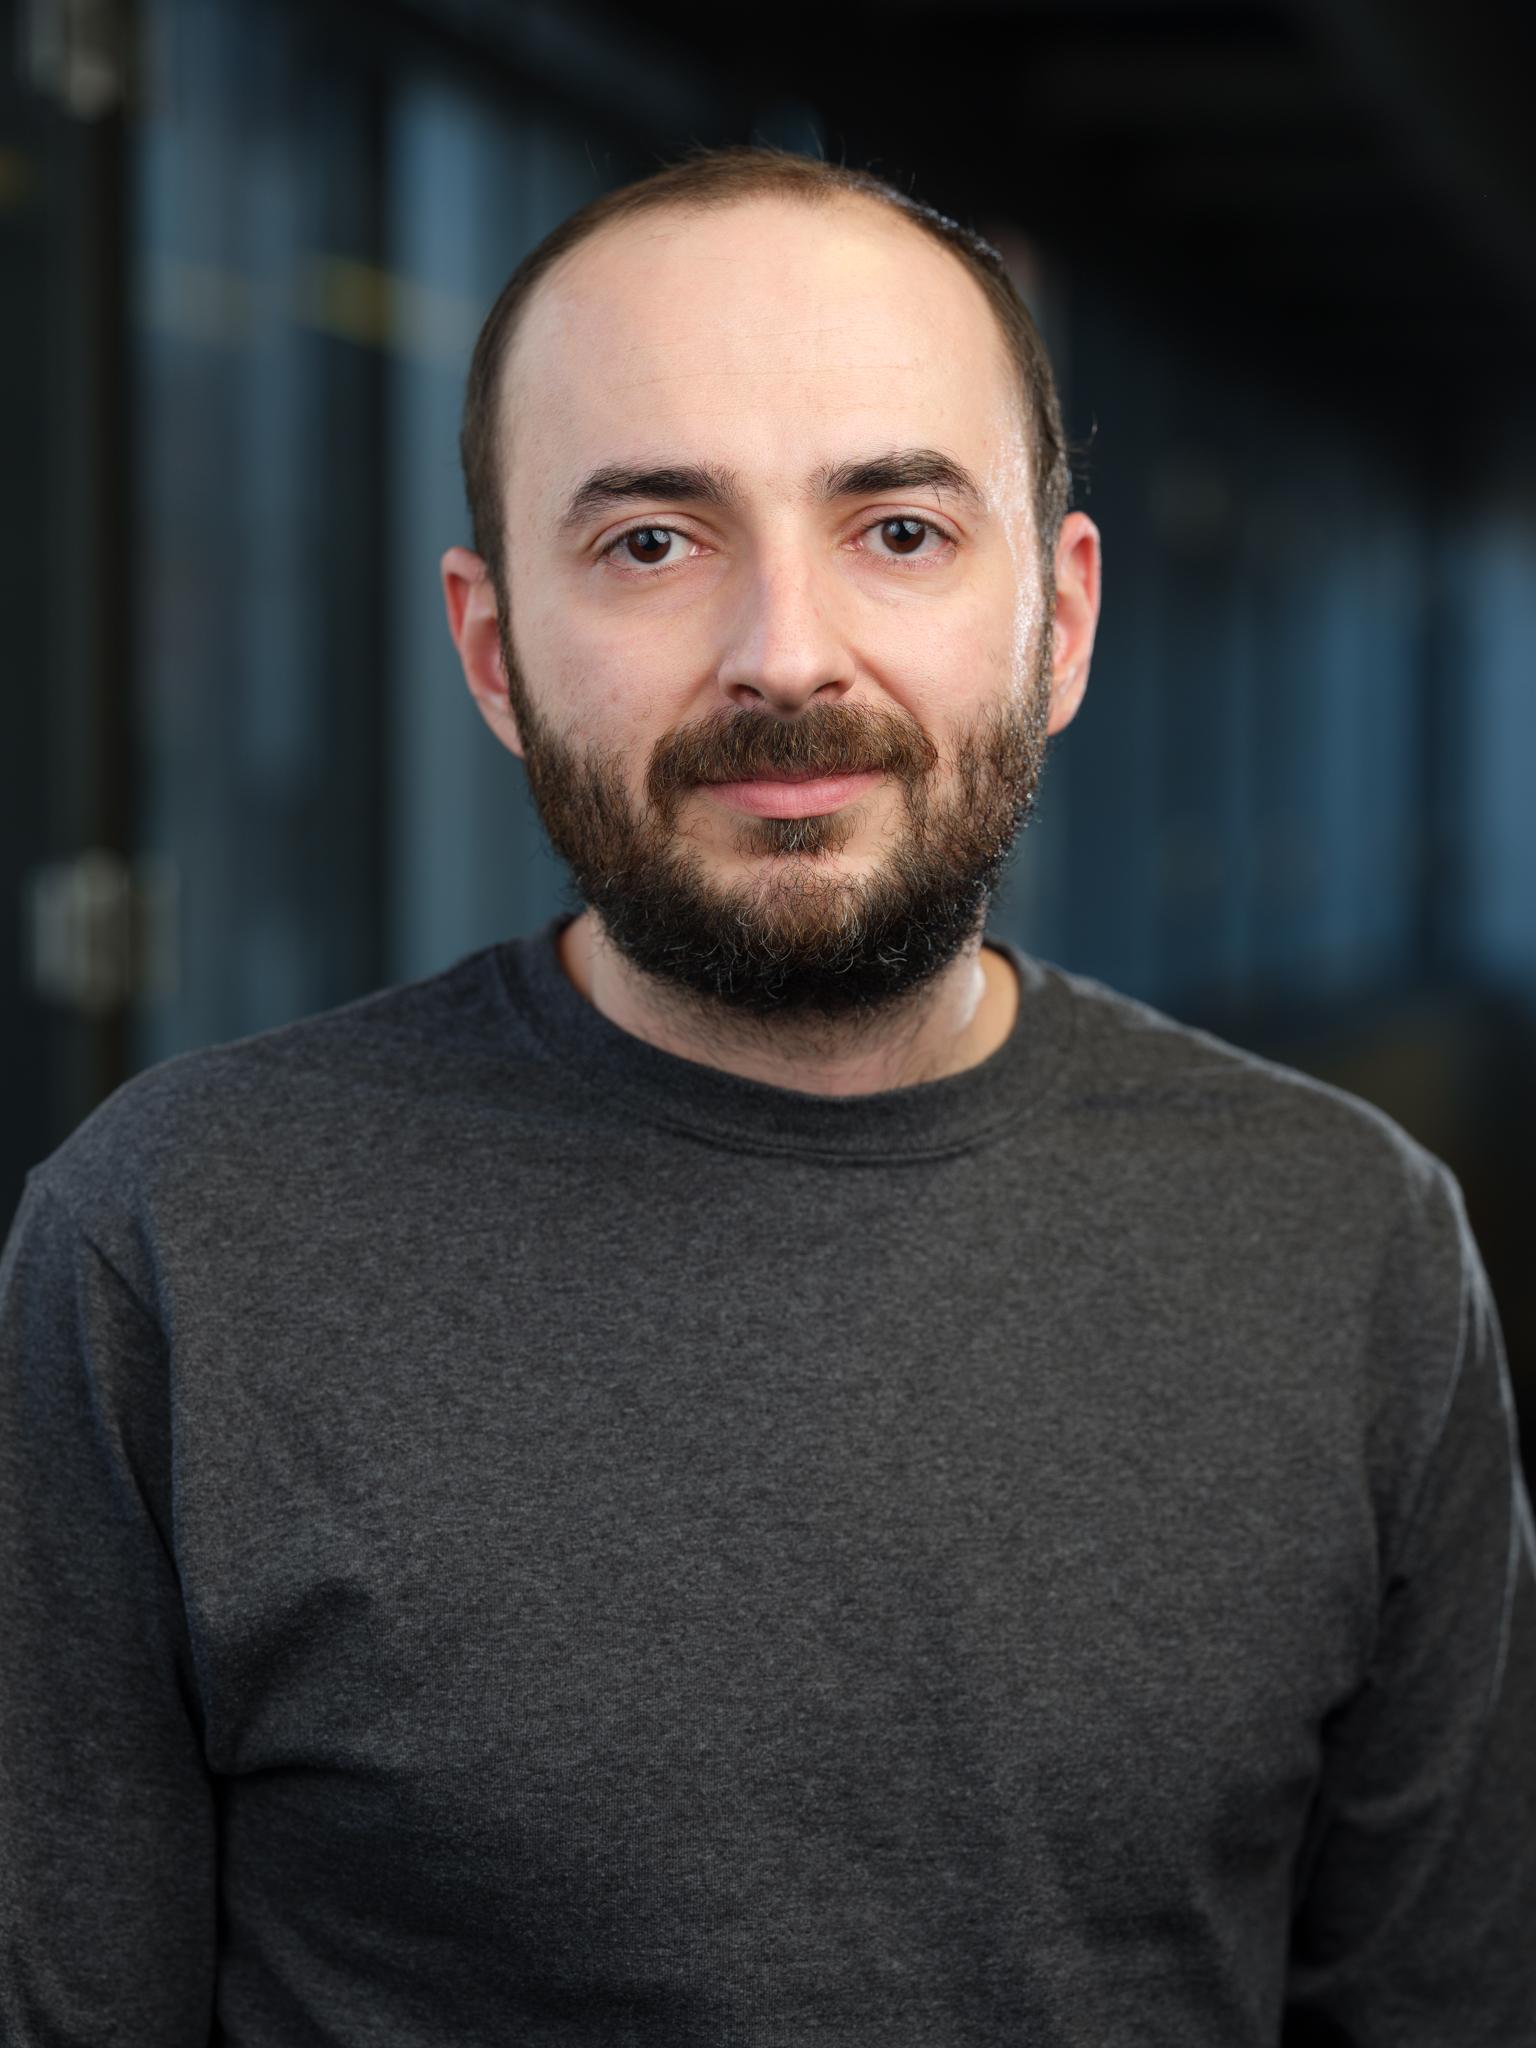 Carlos Machado Silva Esteves